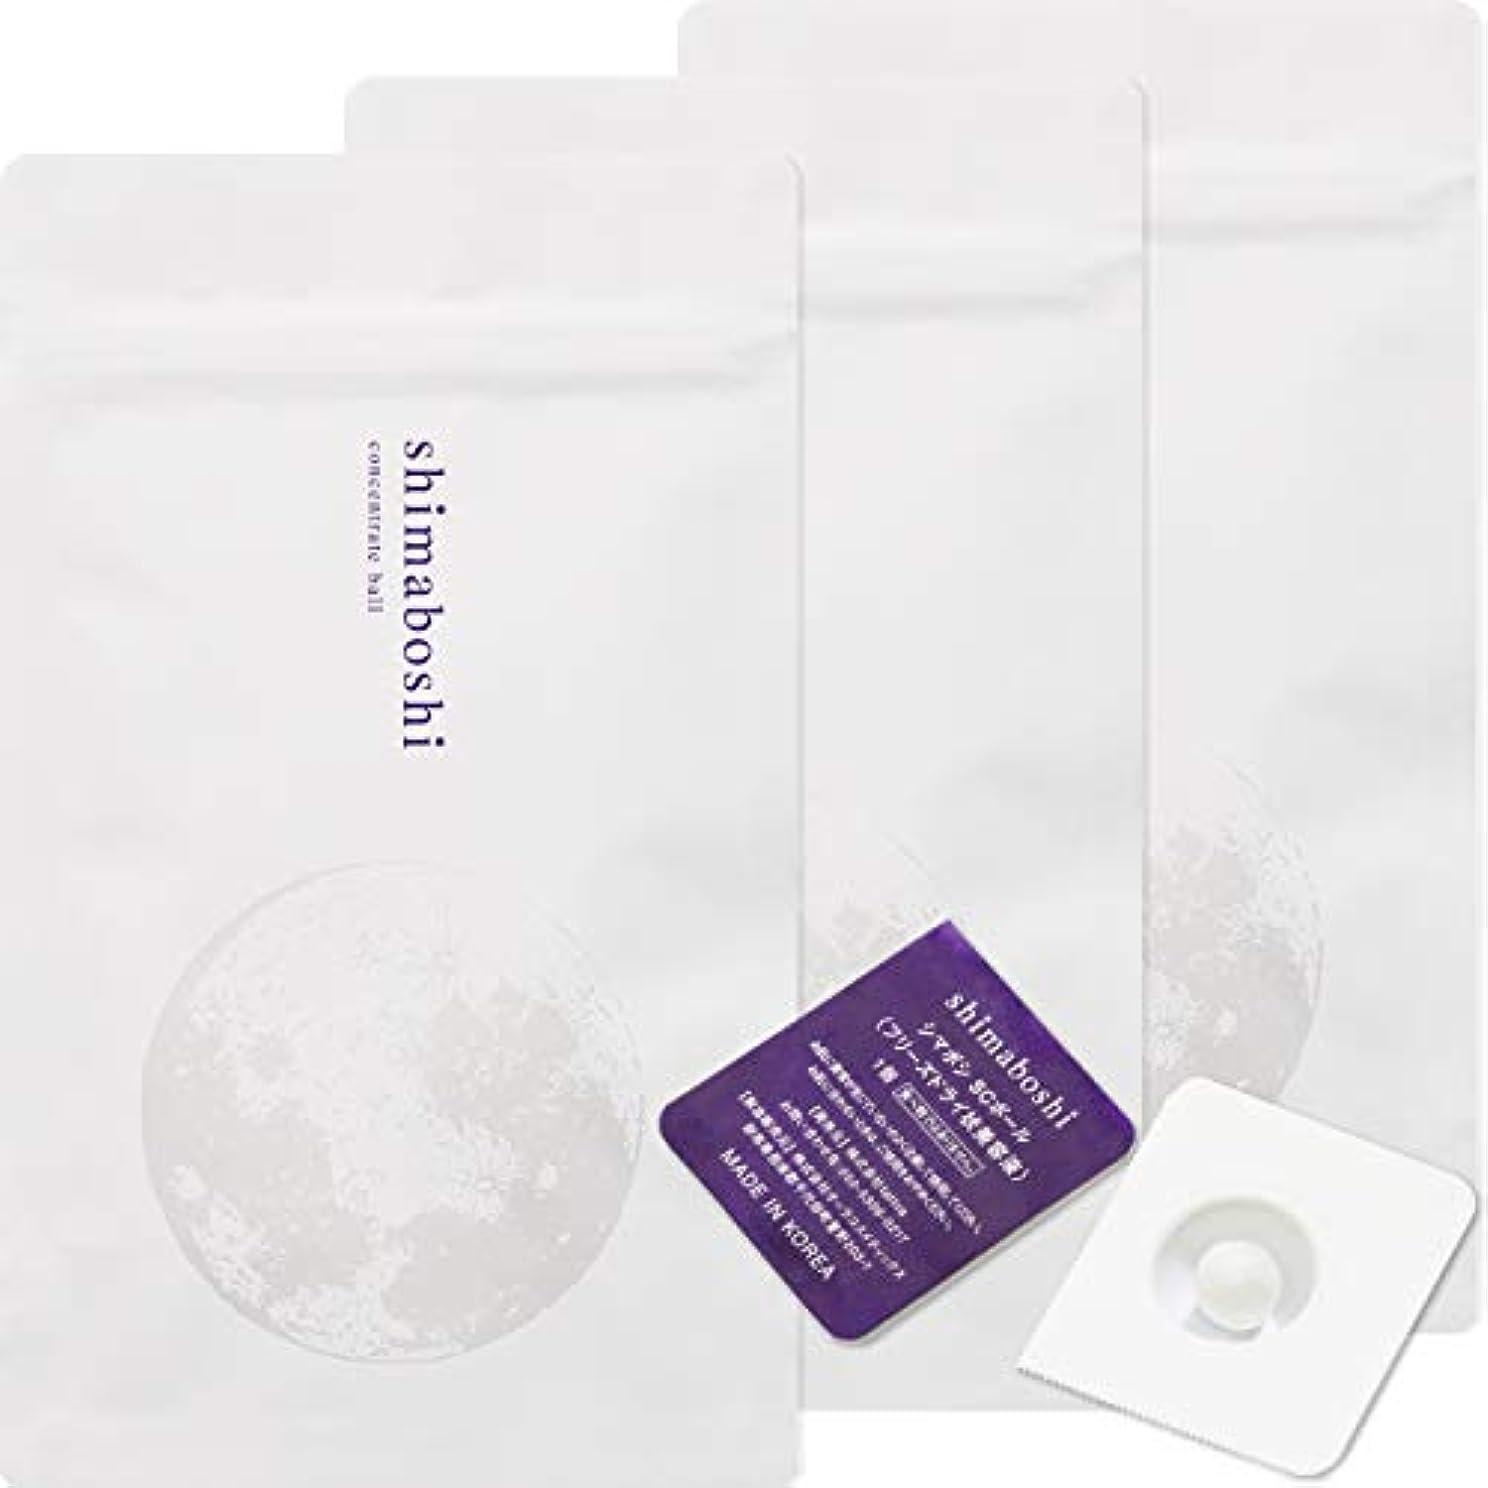 シートメイト和らげるシマボシ shimaboshi コンセントレートボール 生コラーゲンボール 3袋セット 1粒あたり 美容液60本分 化粧水に溶かすだけ 美容液 美白 ハリ ツヤ エイジング ケア 美肌 贅沢スキンケア